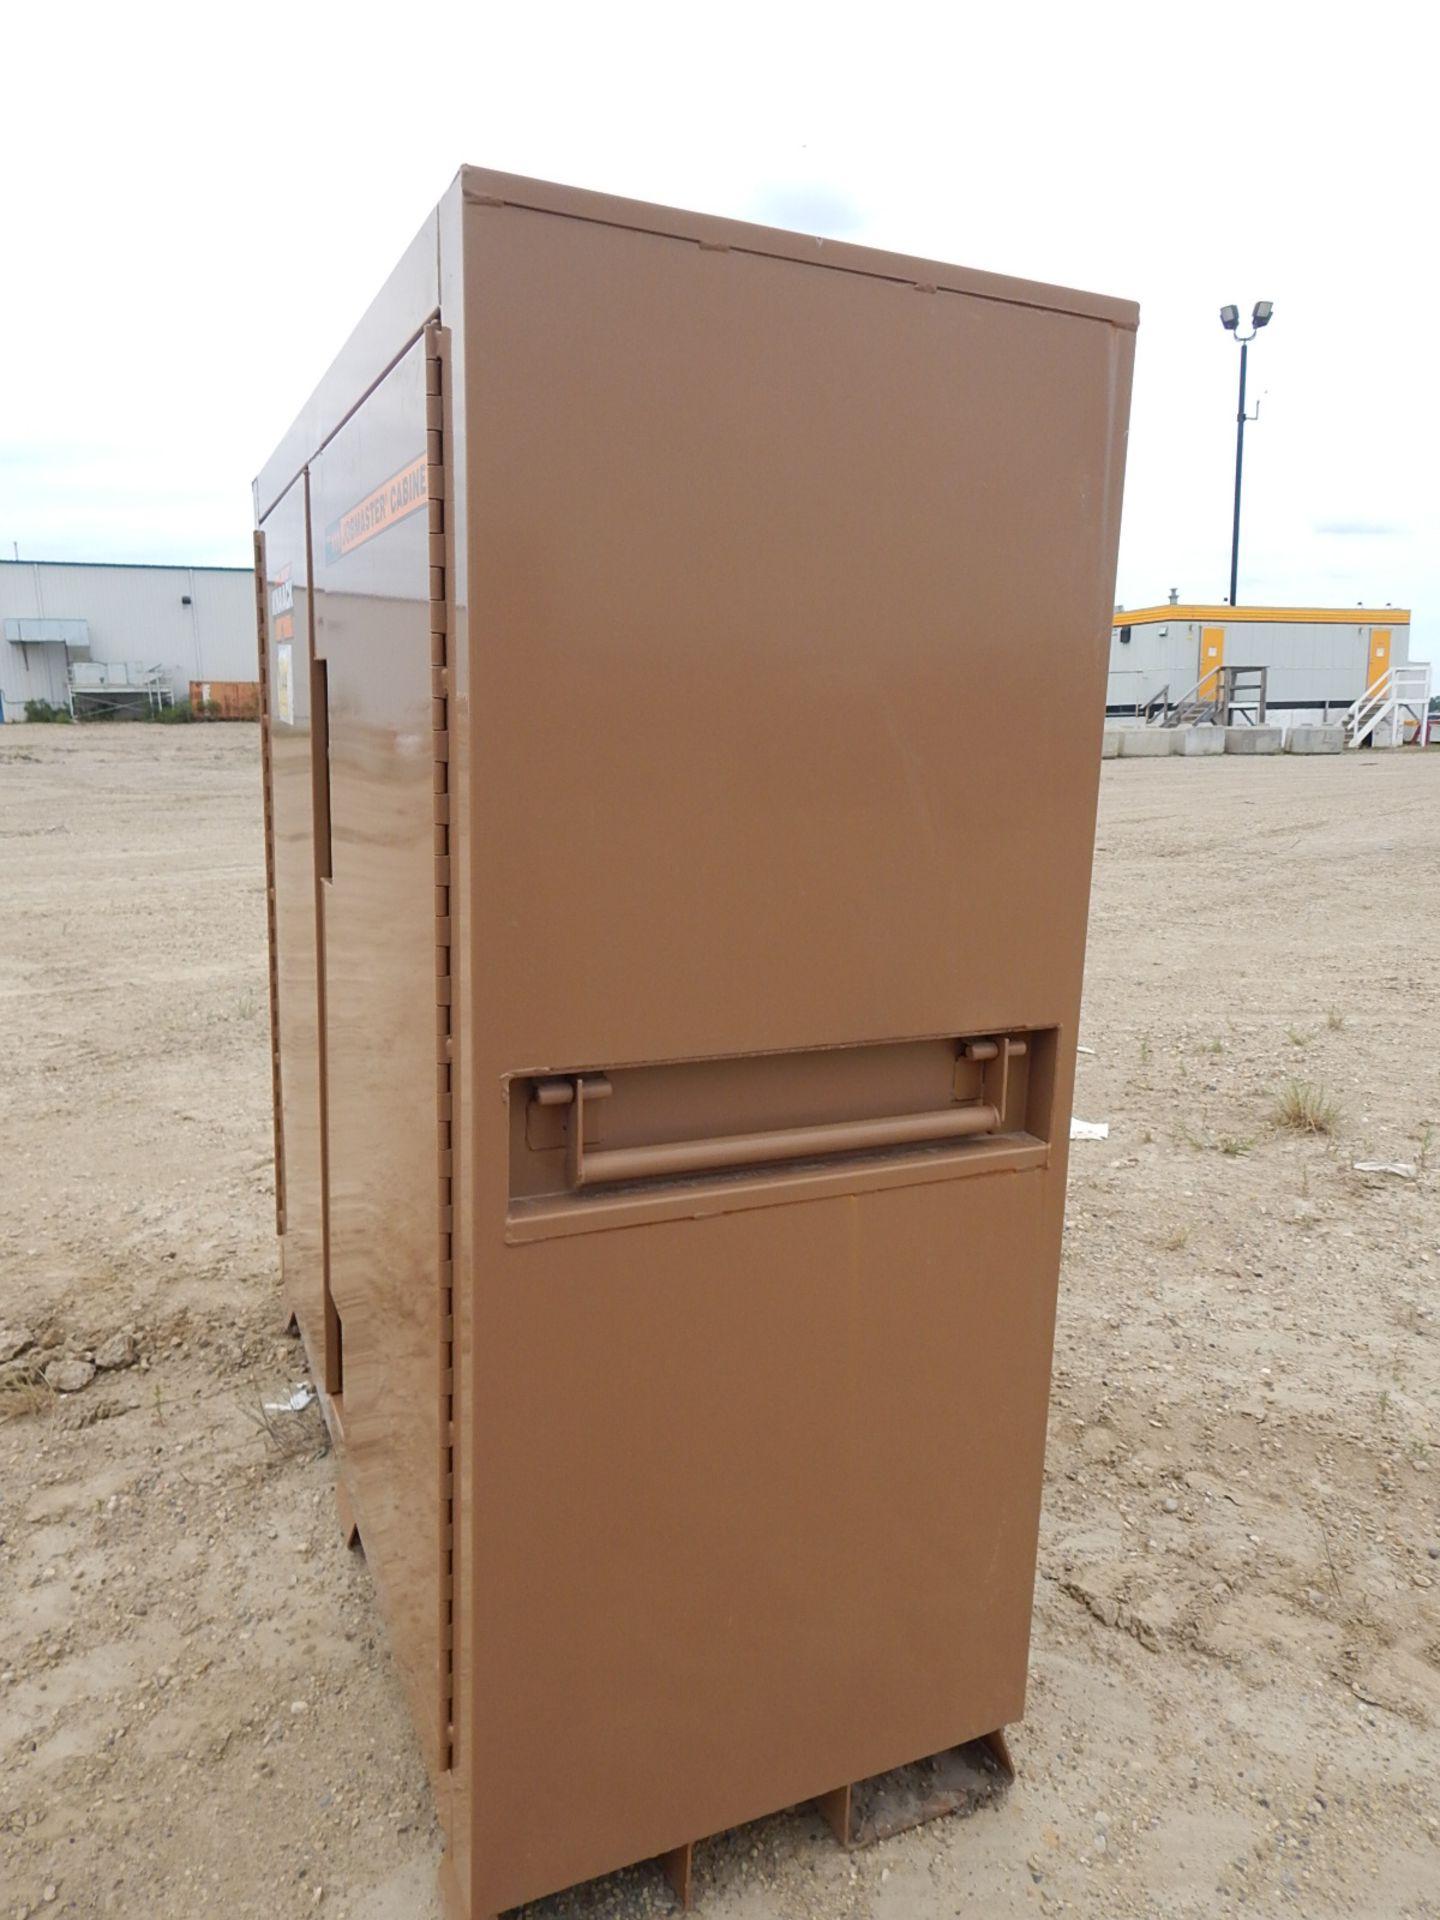 KNAACK 2-DOOR JOBMASTER CABINET, S/N: N/A - Image 2 of 3